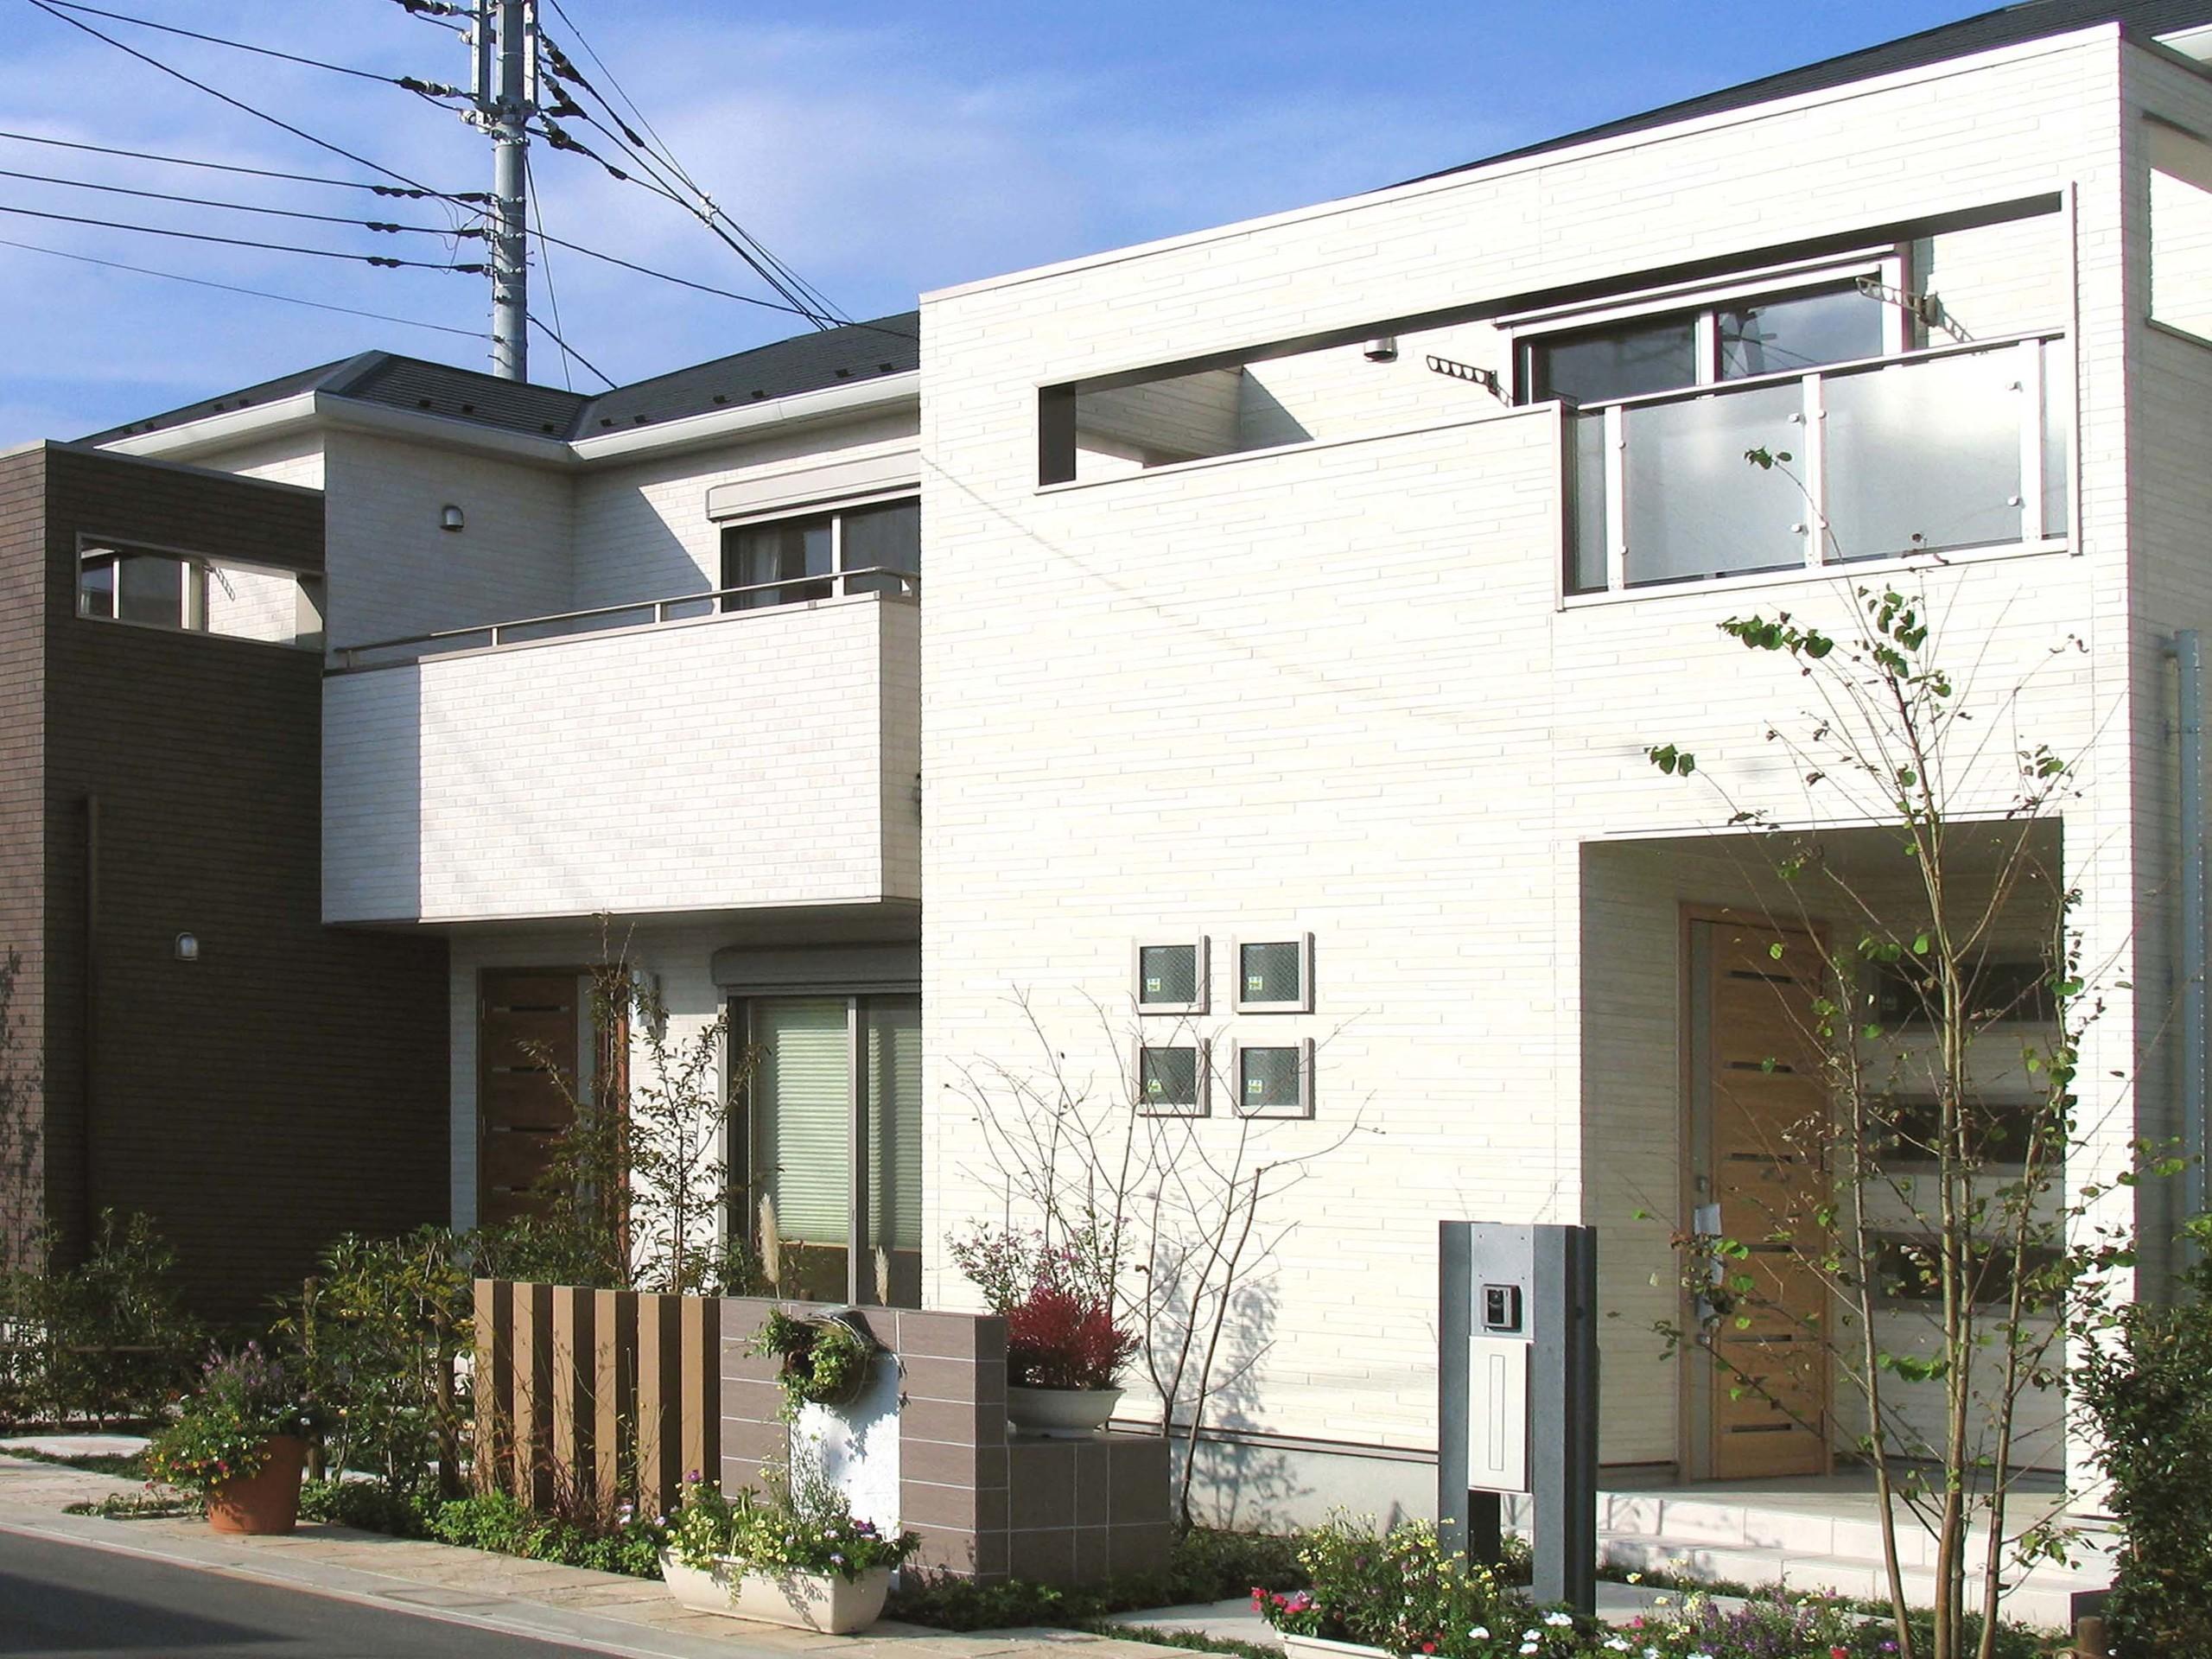 「子育て×永住」住宅(若い世代とシニアのコンパクト住宅)の建築事例写真